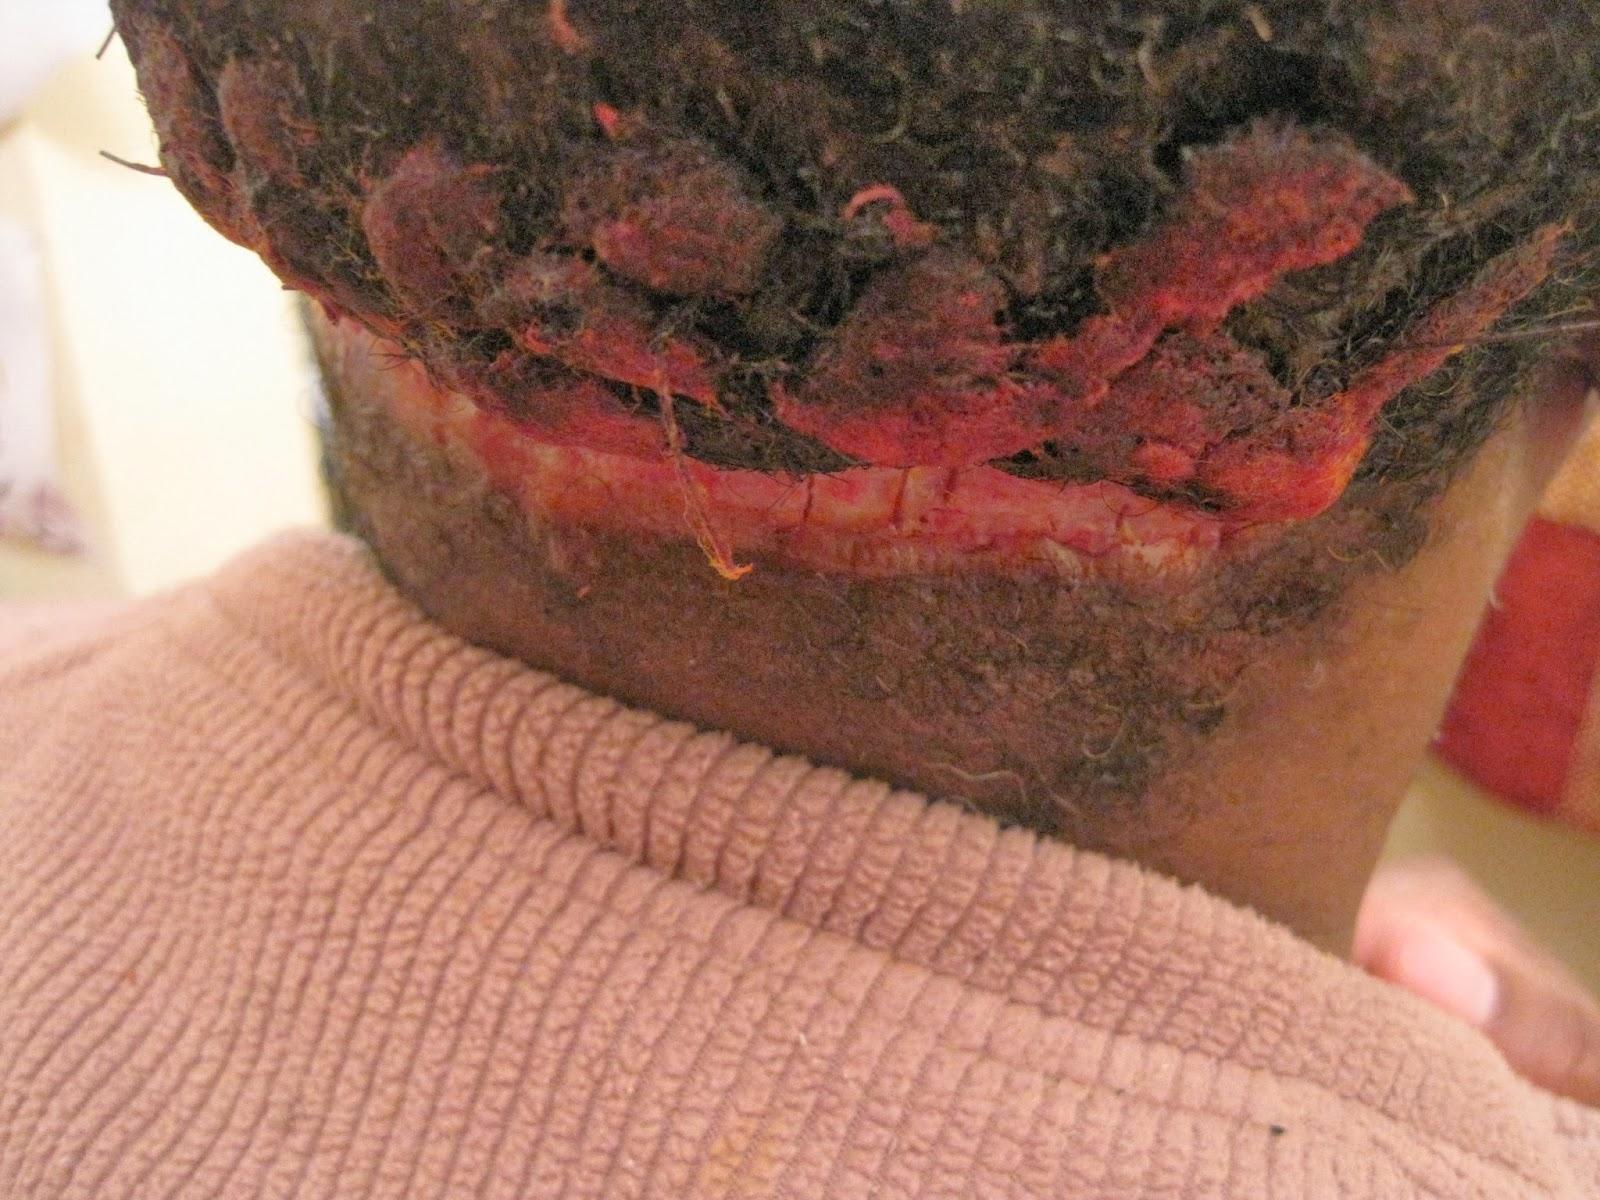 acne keloidalis nuchae cure